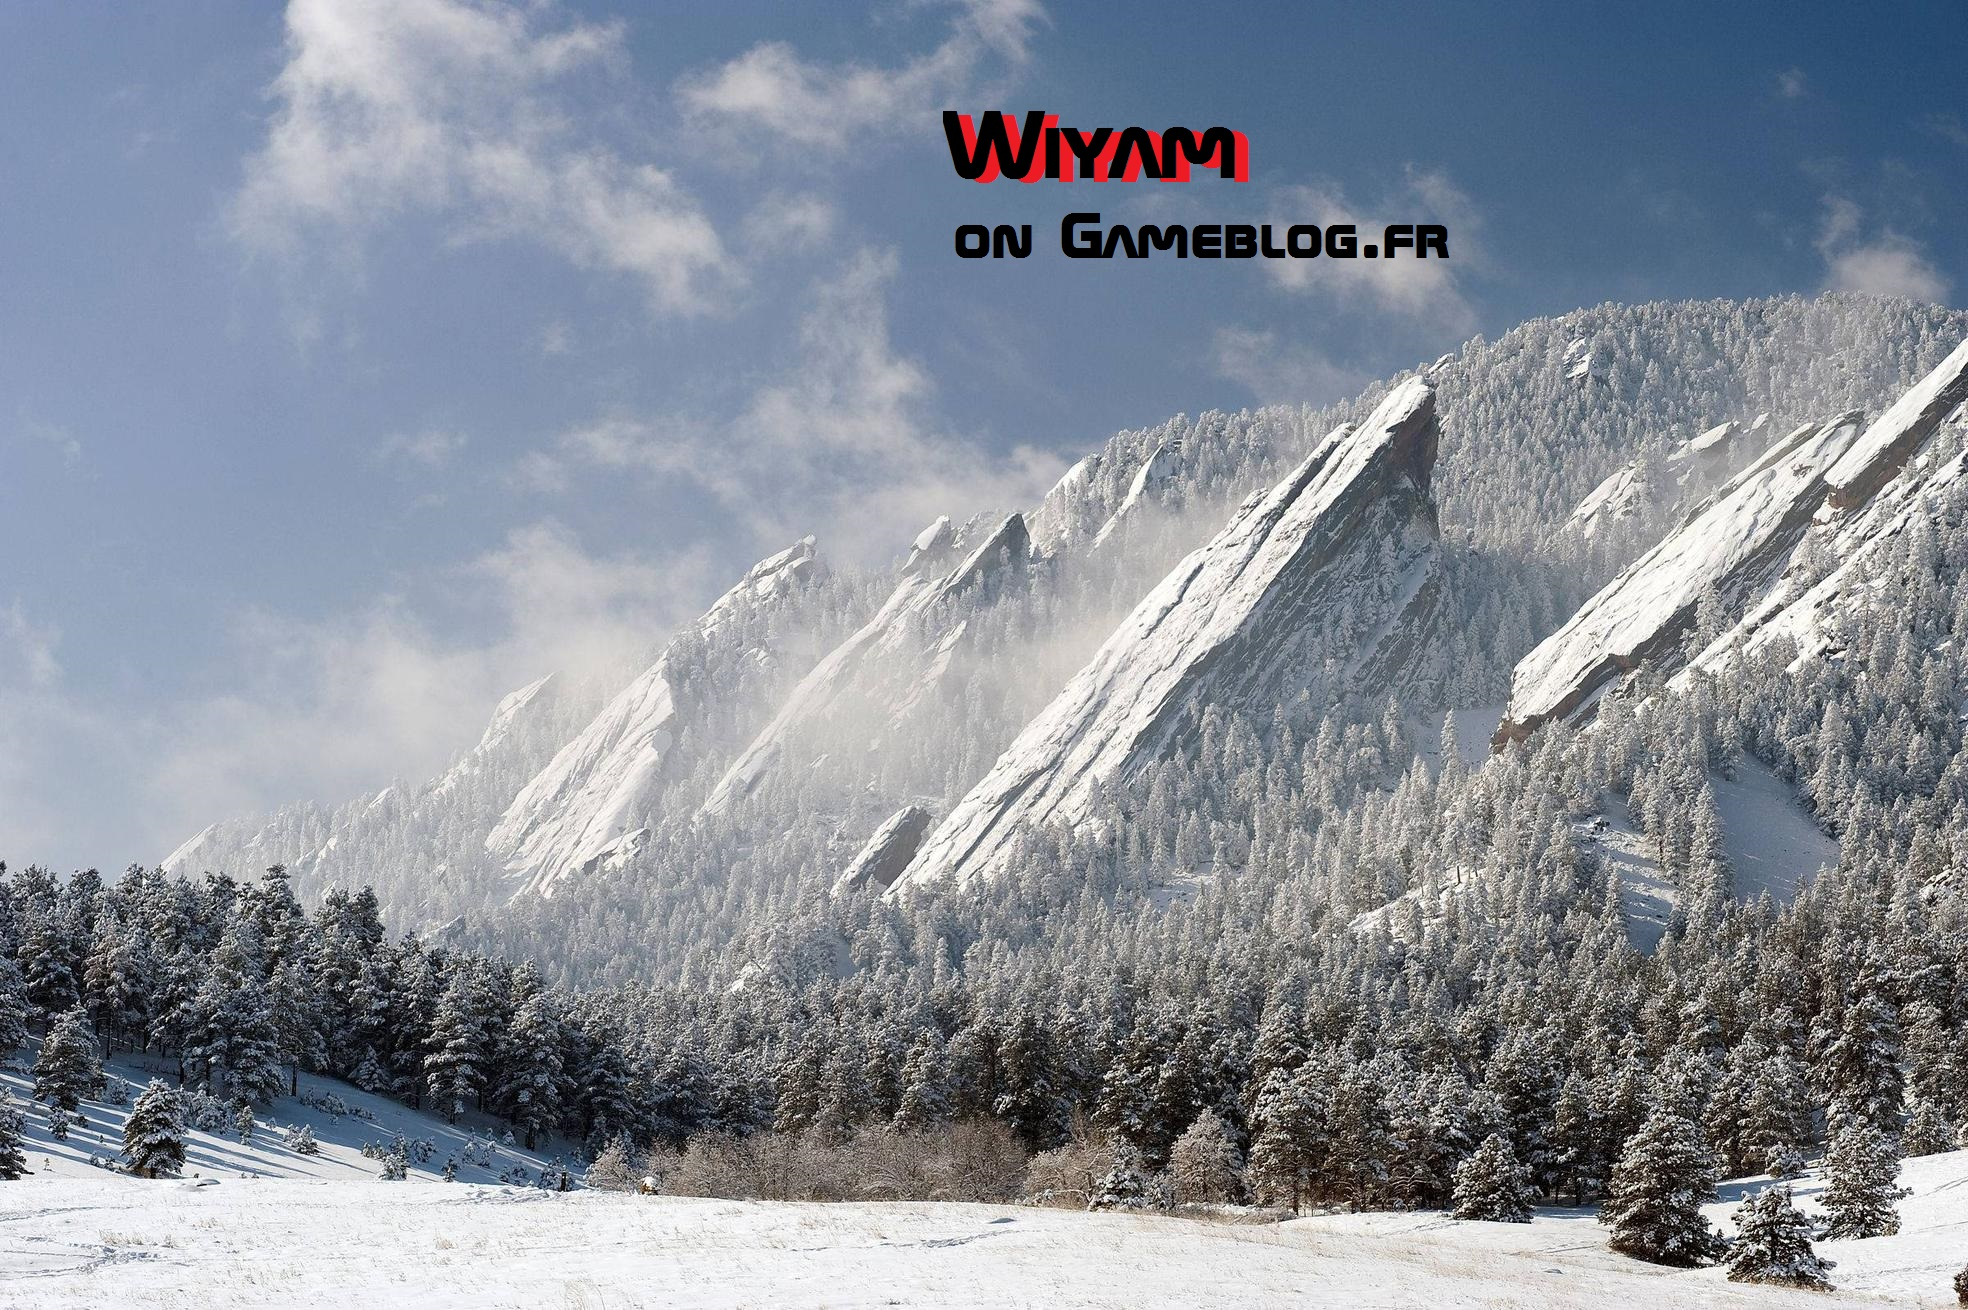 Wiyam